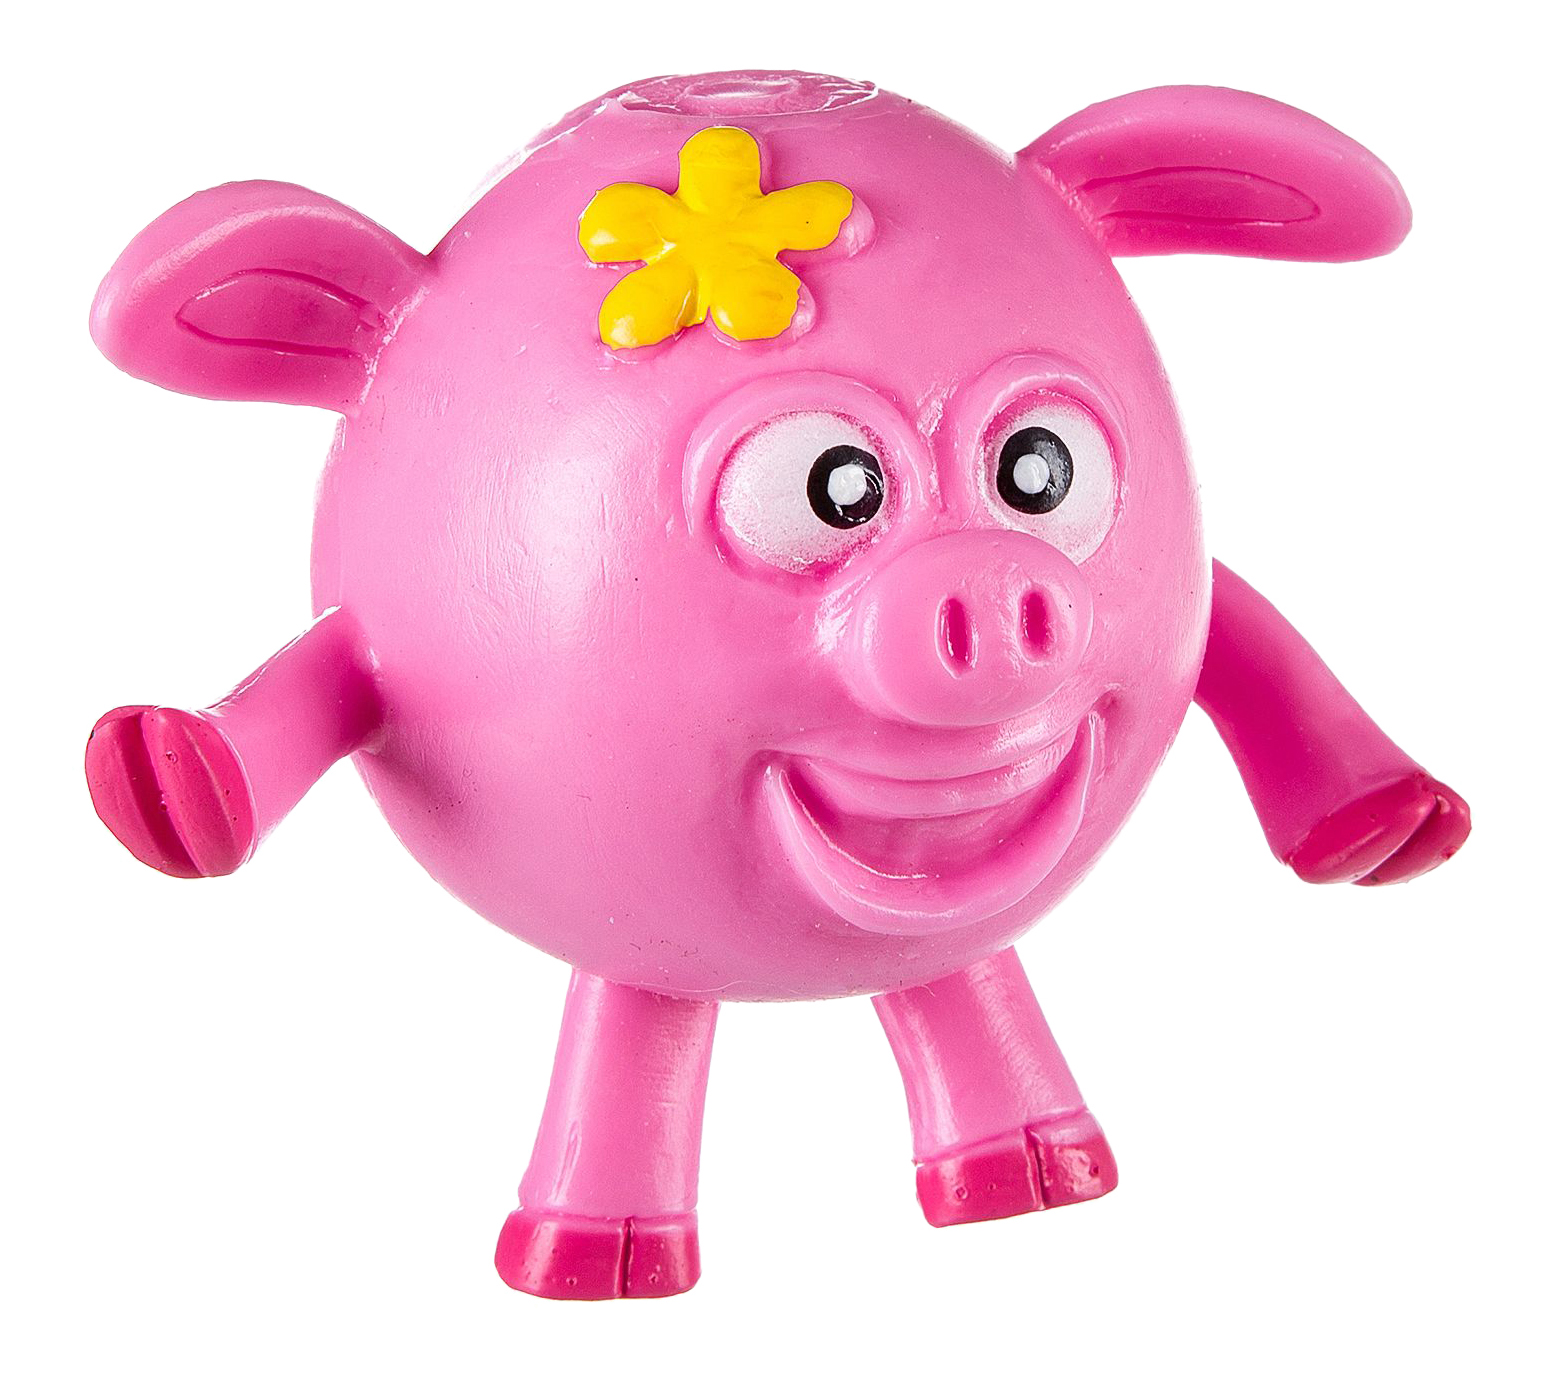 Купить Жамкарик поросенок, Игрушка-антистресс Жамкарик Поросенок Bondibon вв2500, Мягкие игрушки антистресс